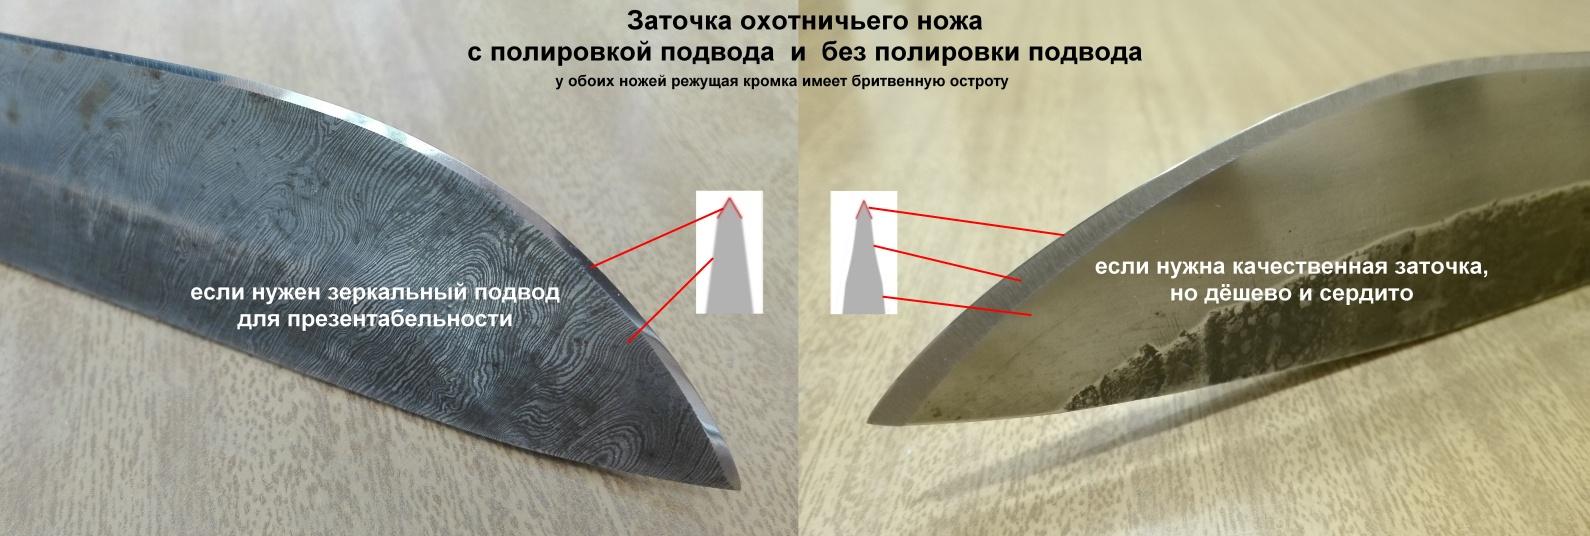 Заточка охотничьего ножа в домашних условиях